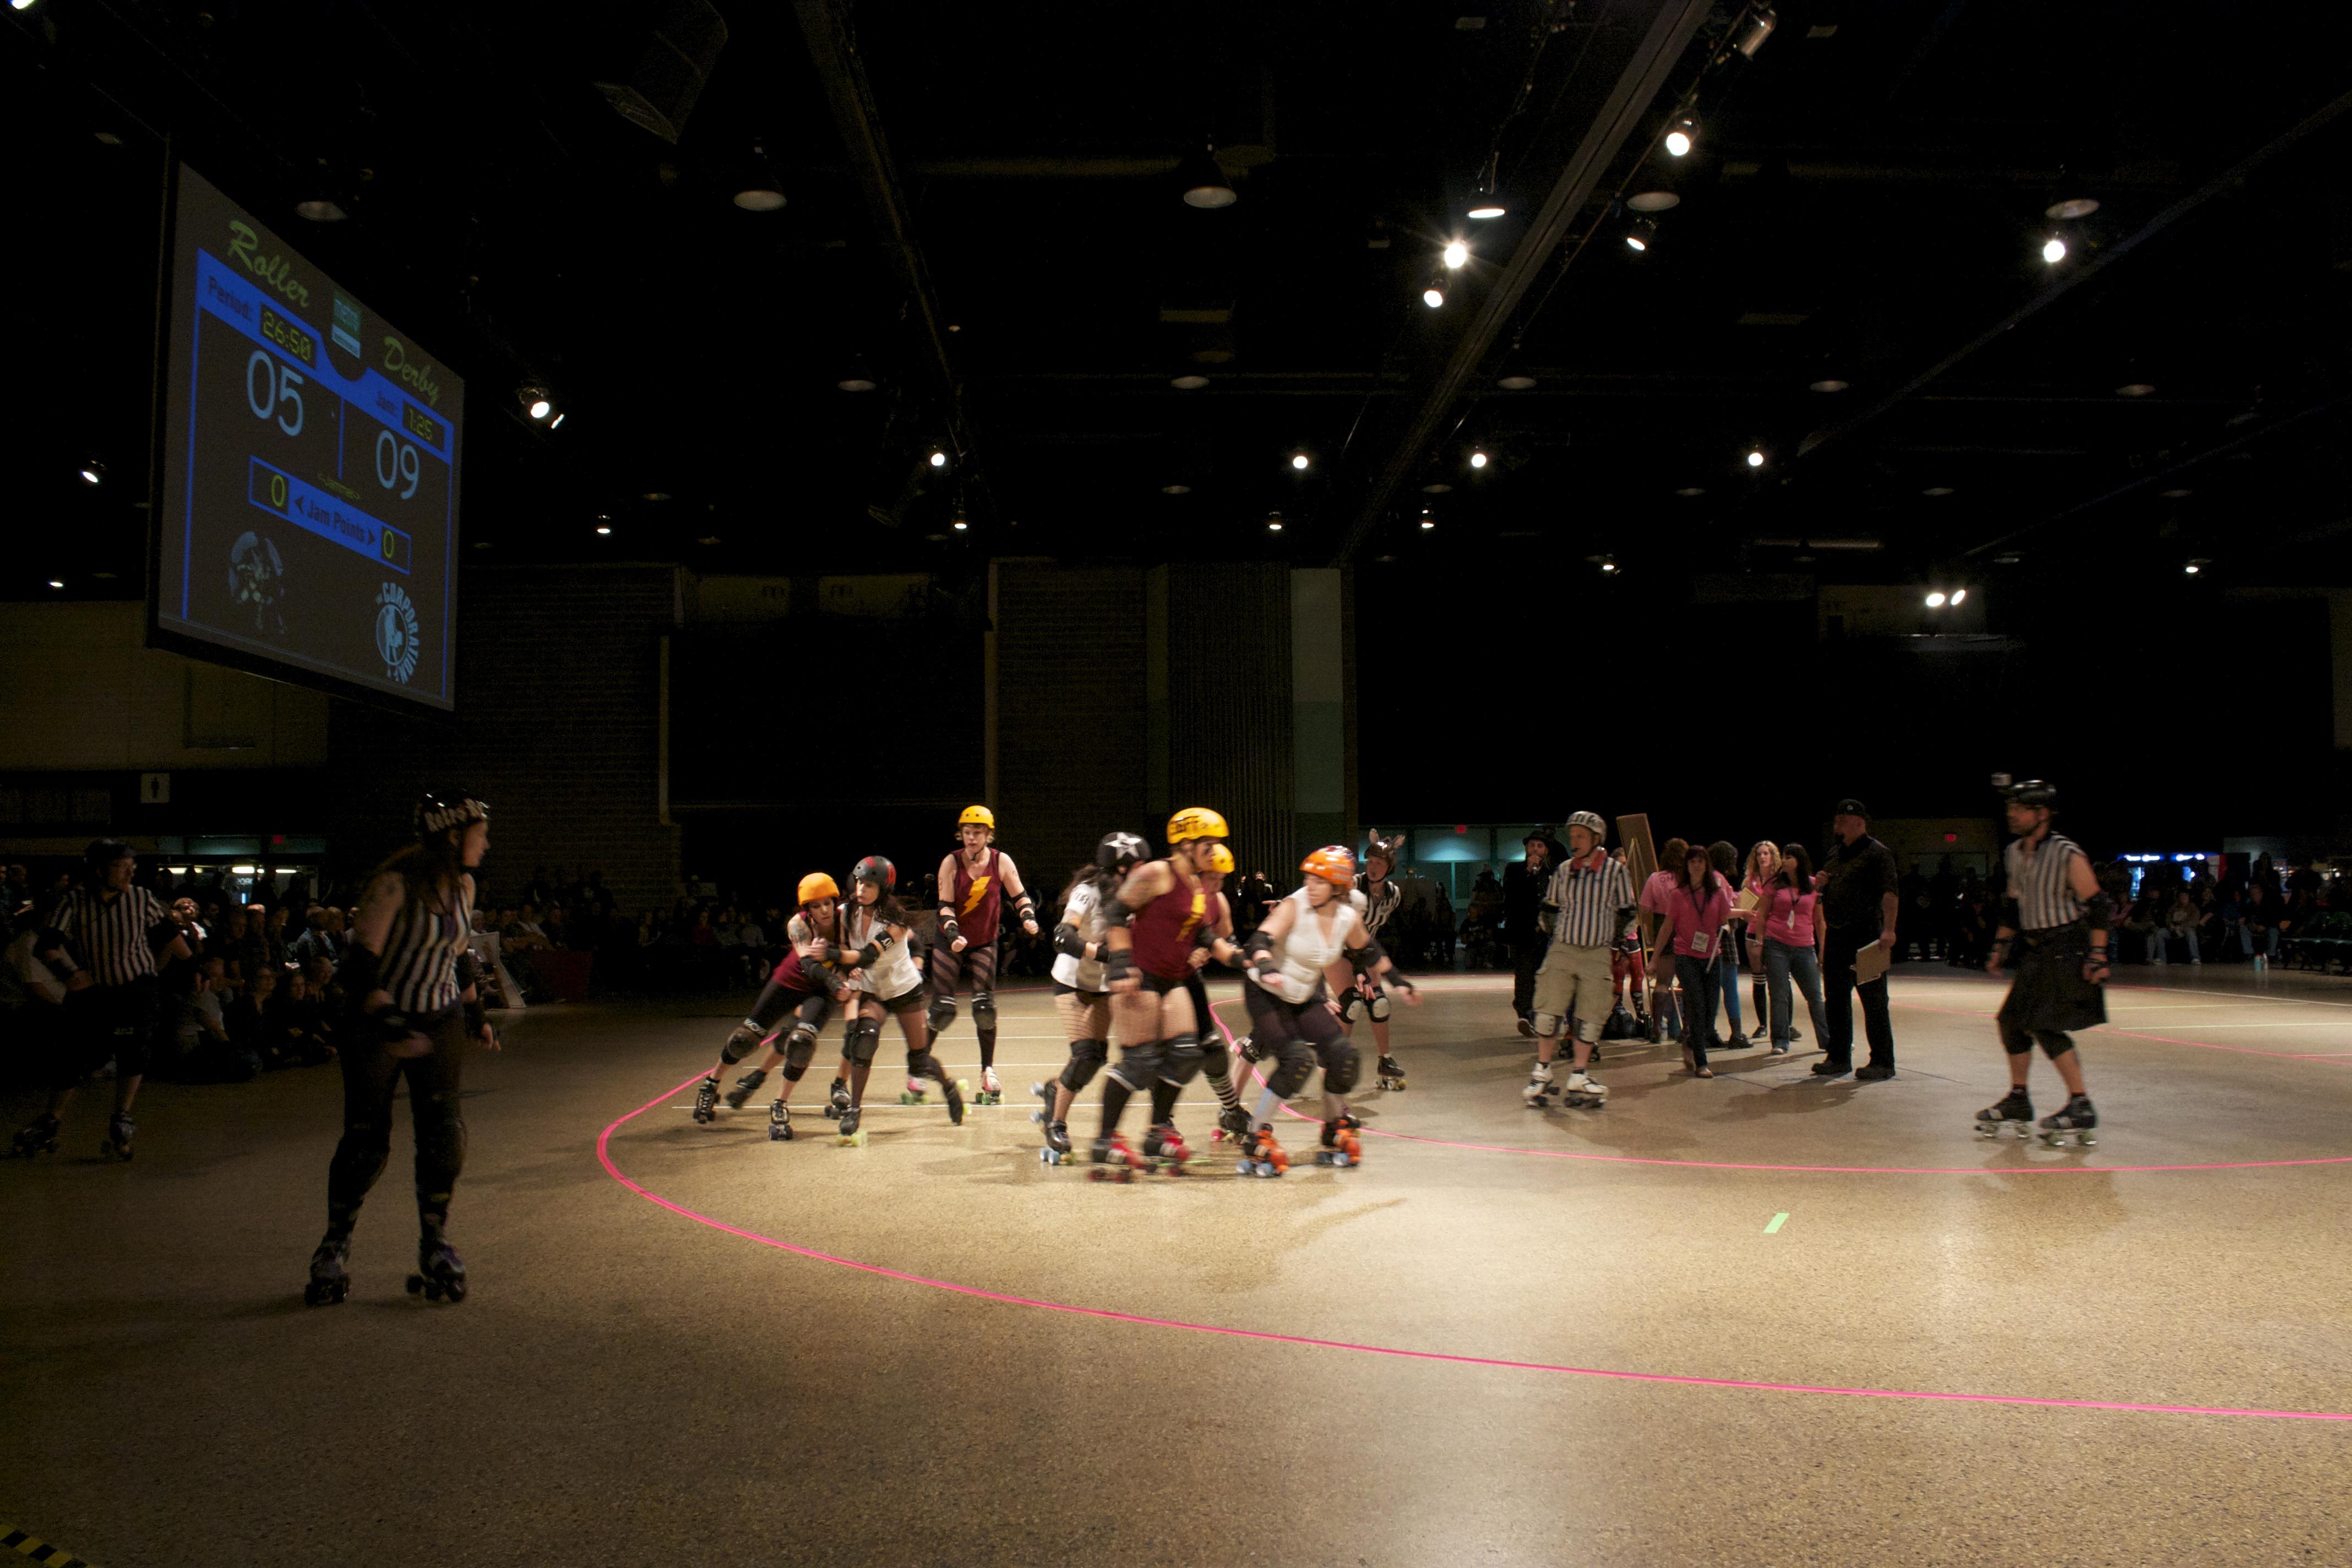 Roller skates winnipeg - There